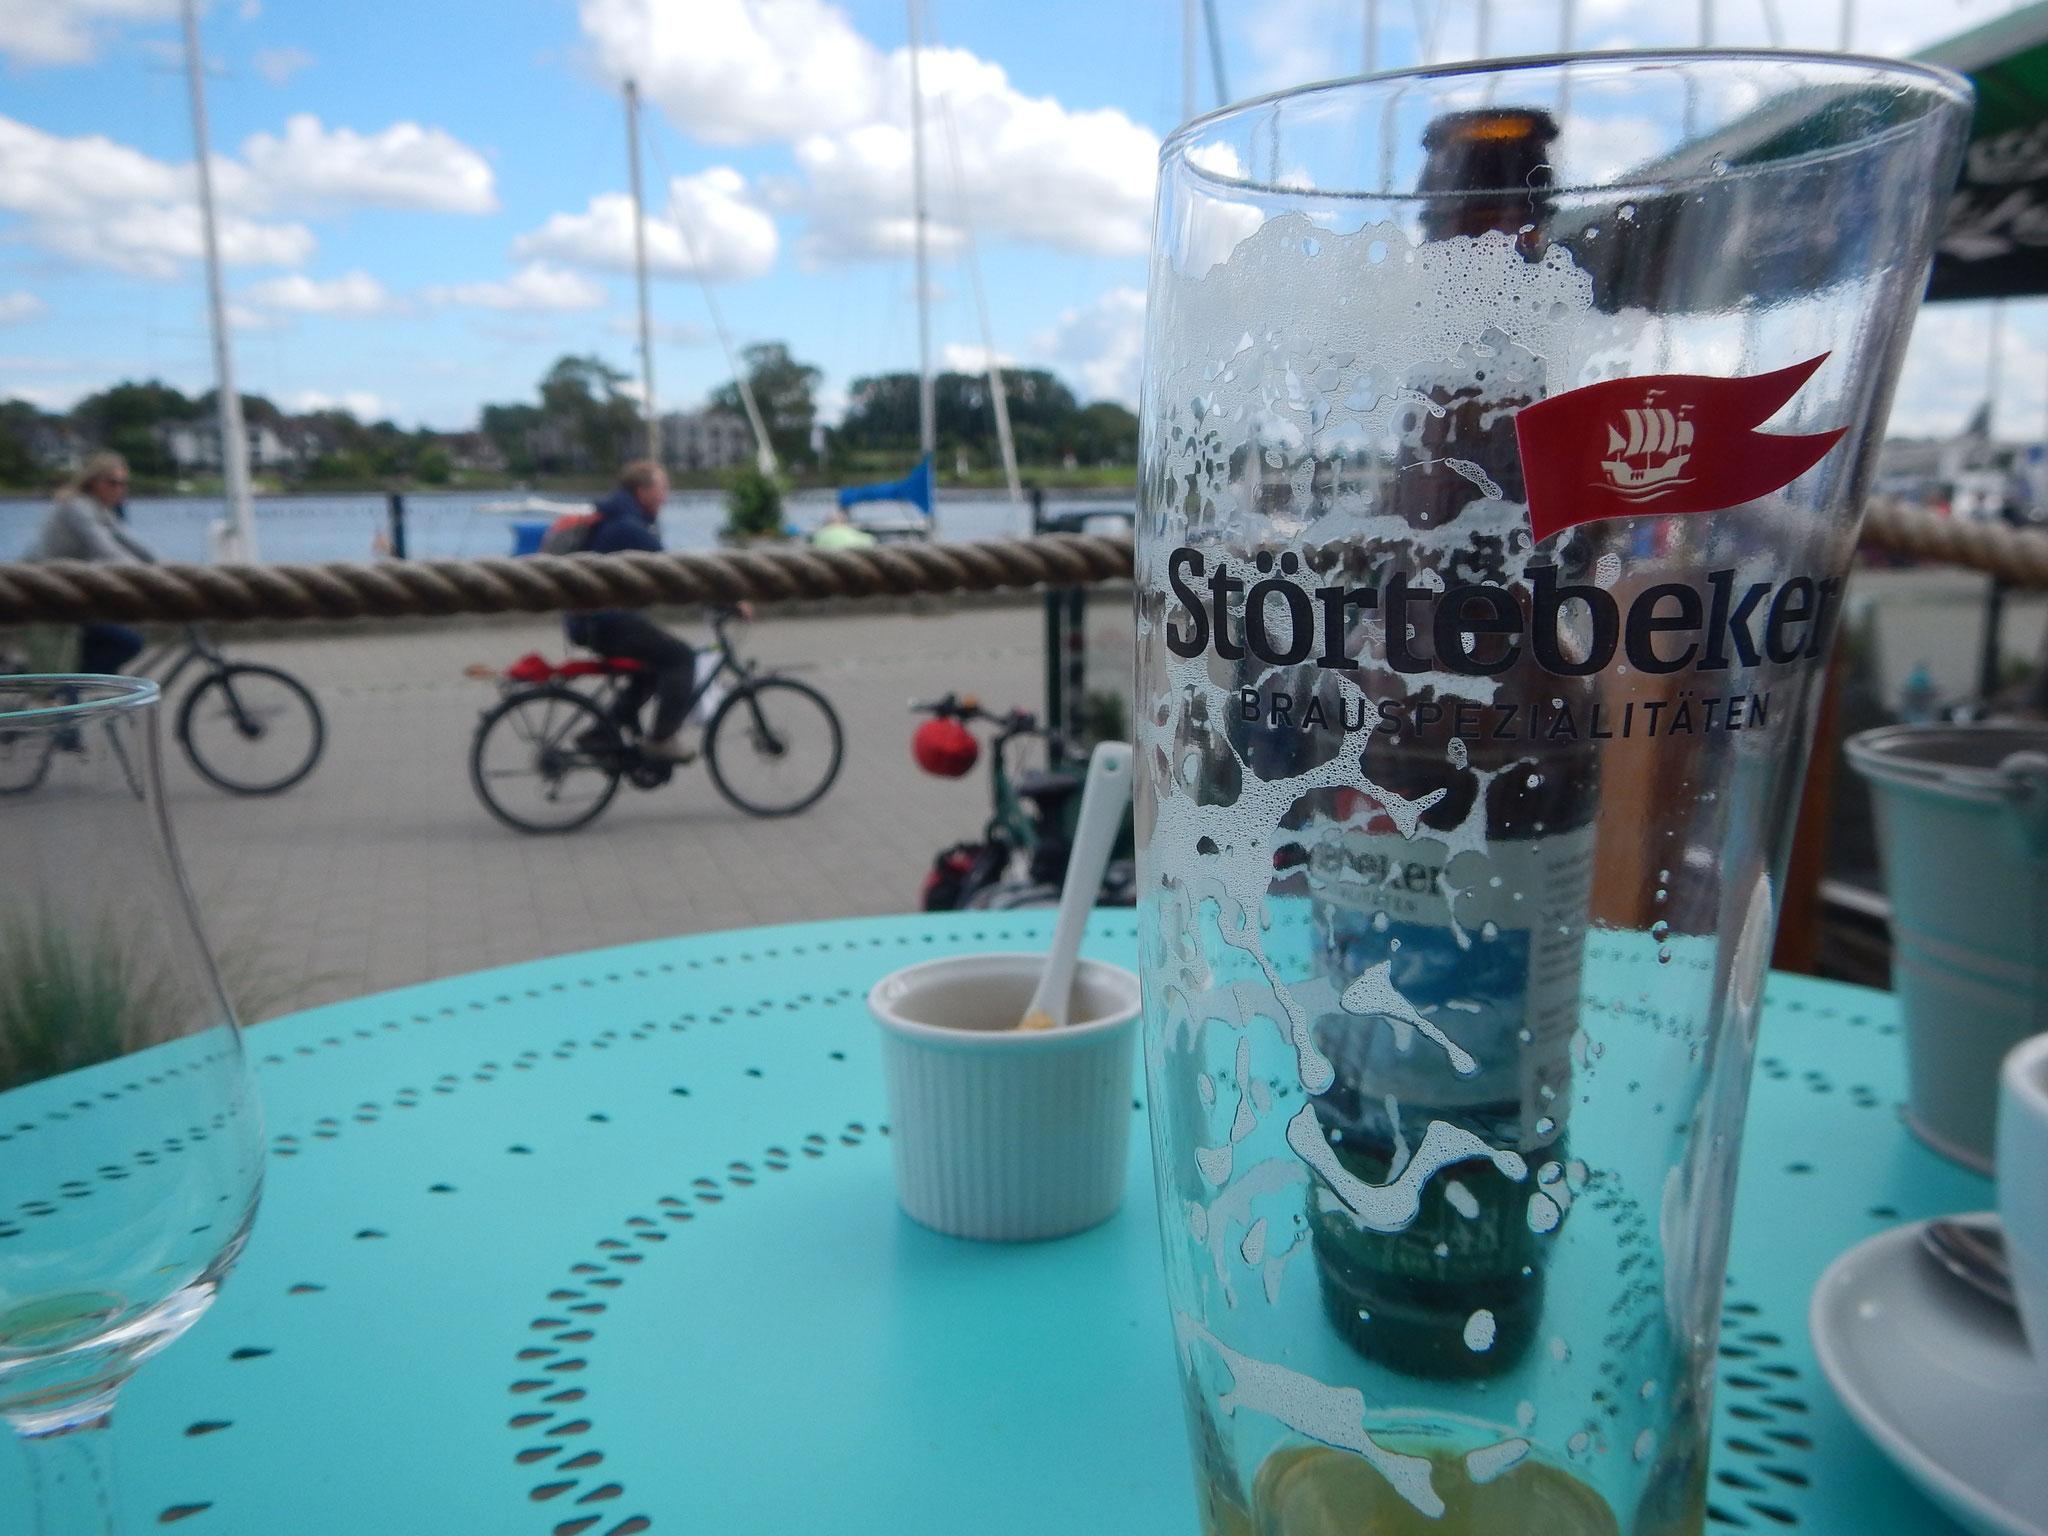 Störtebeker Biere- Szenemarke mit viel TamTam aber auch Geschmack aus Stralsund. Auch in der Elphi zu finden